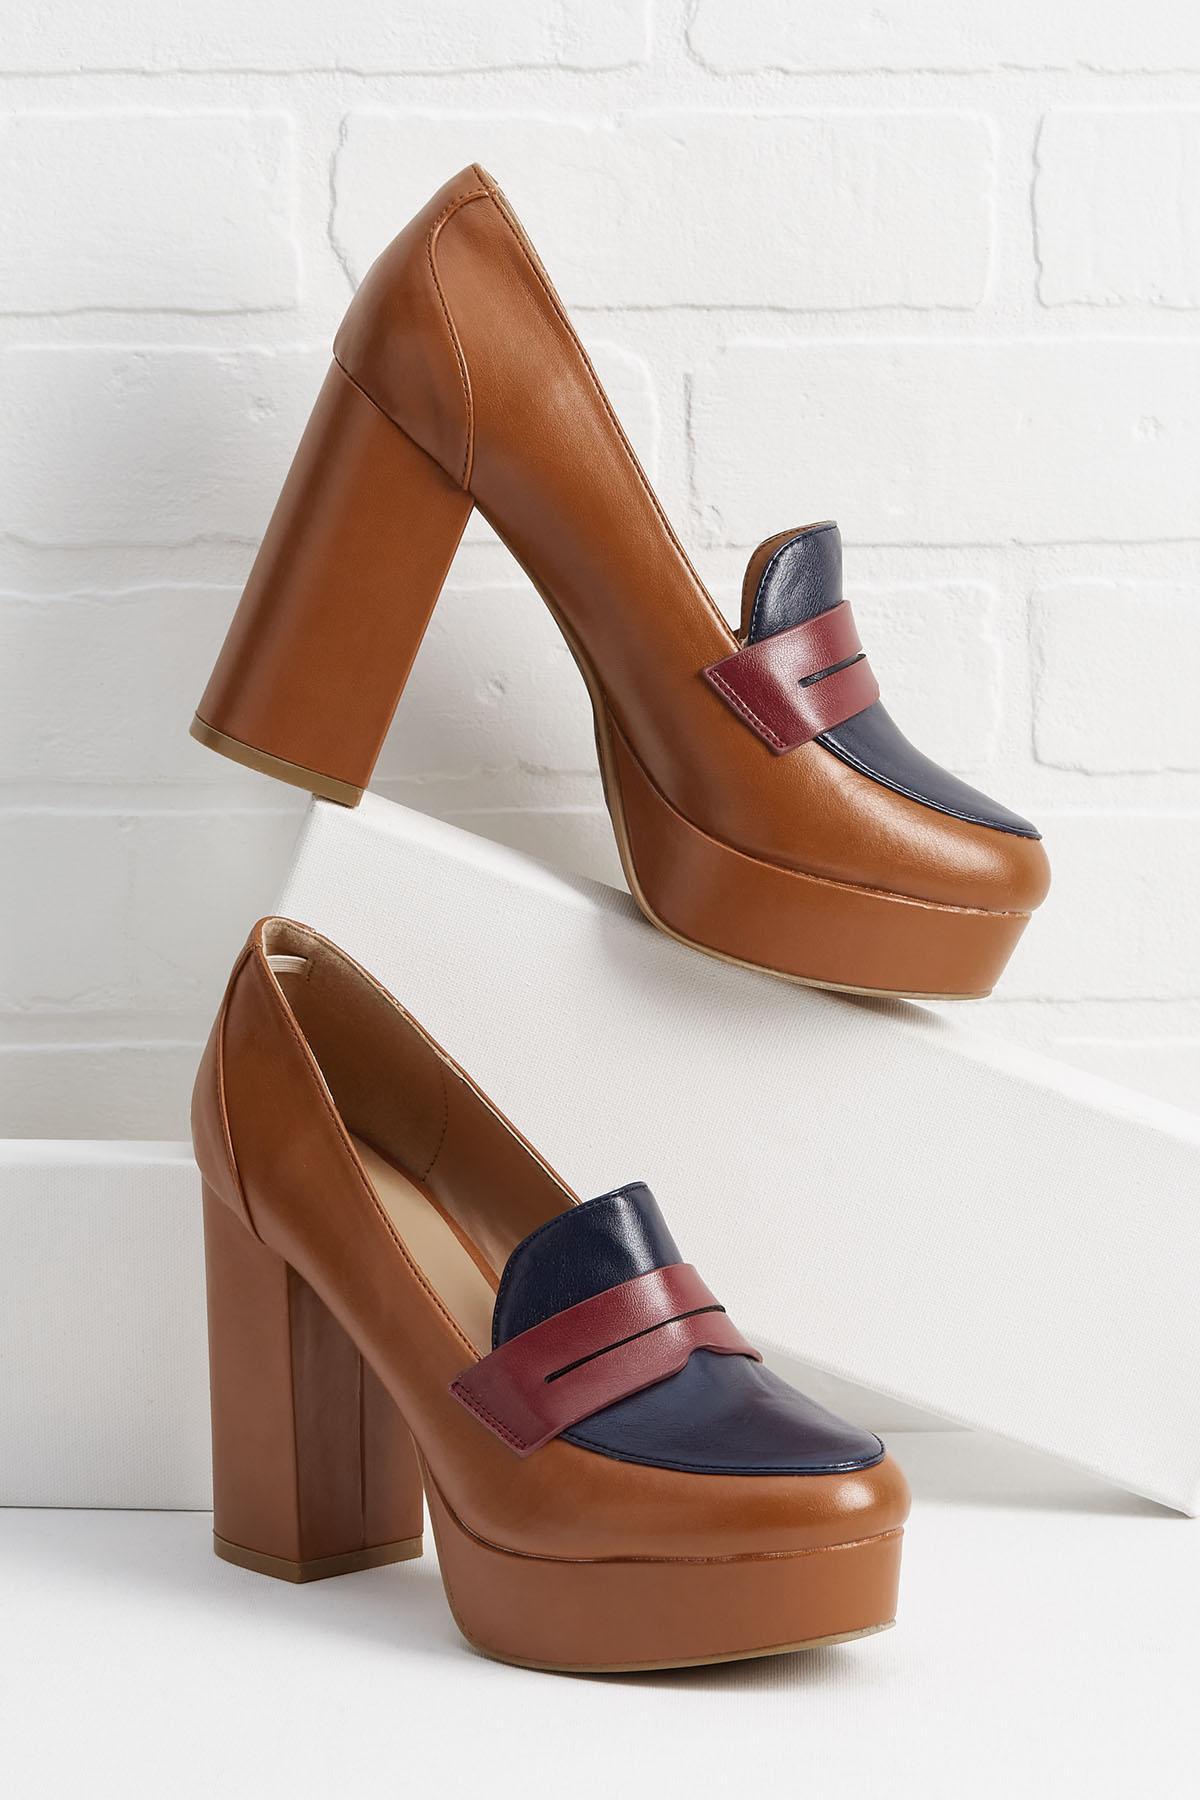 Second Block Heels